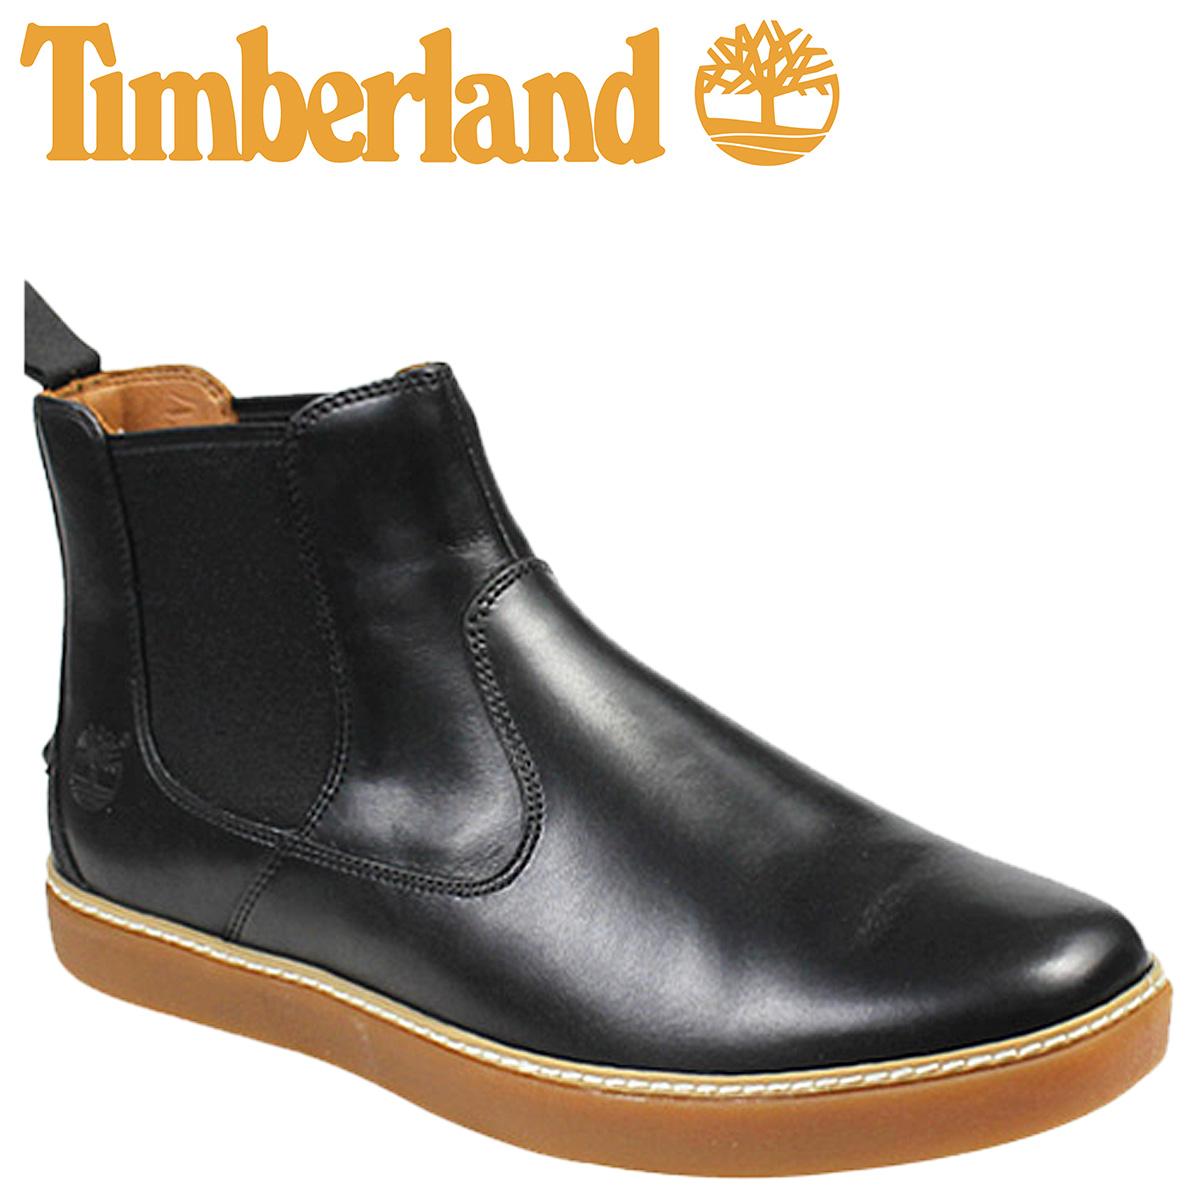 天伯伦天伯伦卫士墓碑切尔西靴子卫士 HUDSTON 切尔西鞋皮革男子 9652A 黑 [10 / 9 新股票] [定期]